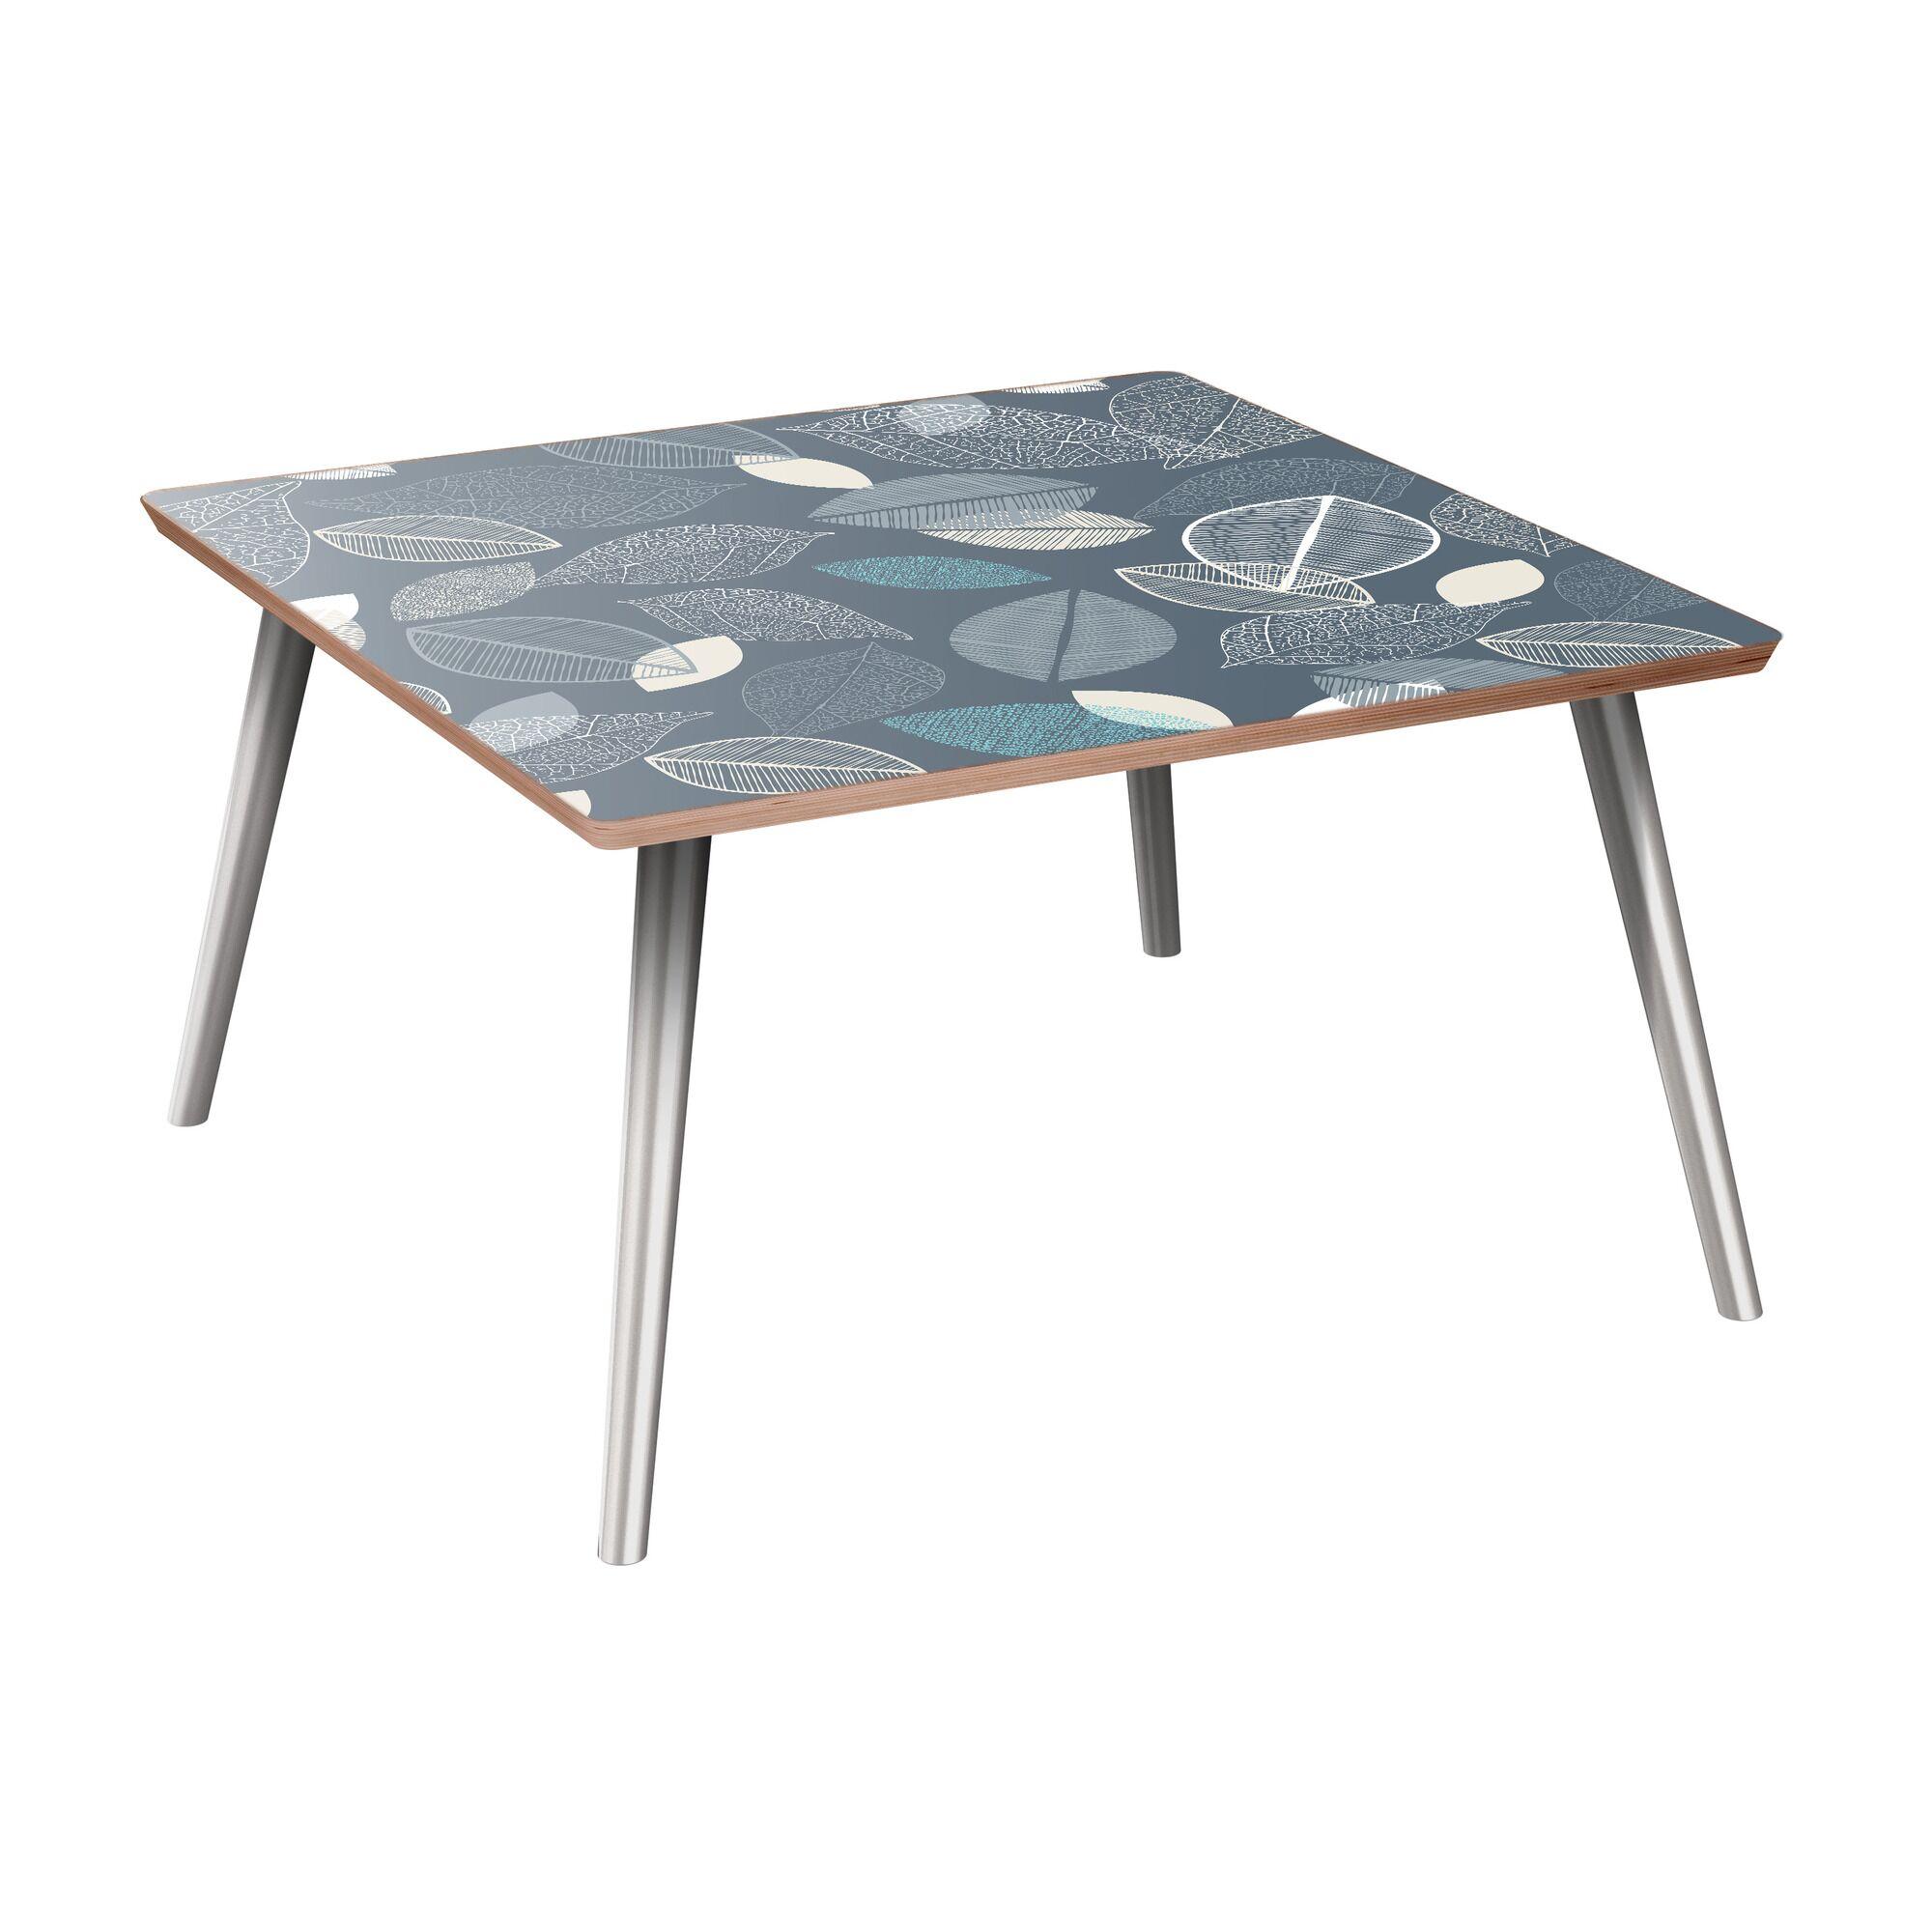 La Puente Coffee Table Table Base Color: Chrome, Table Top Boarder Color: Walnut, Table Top Color: Blue